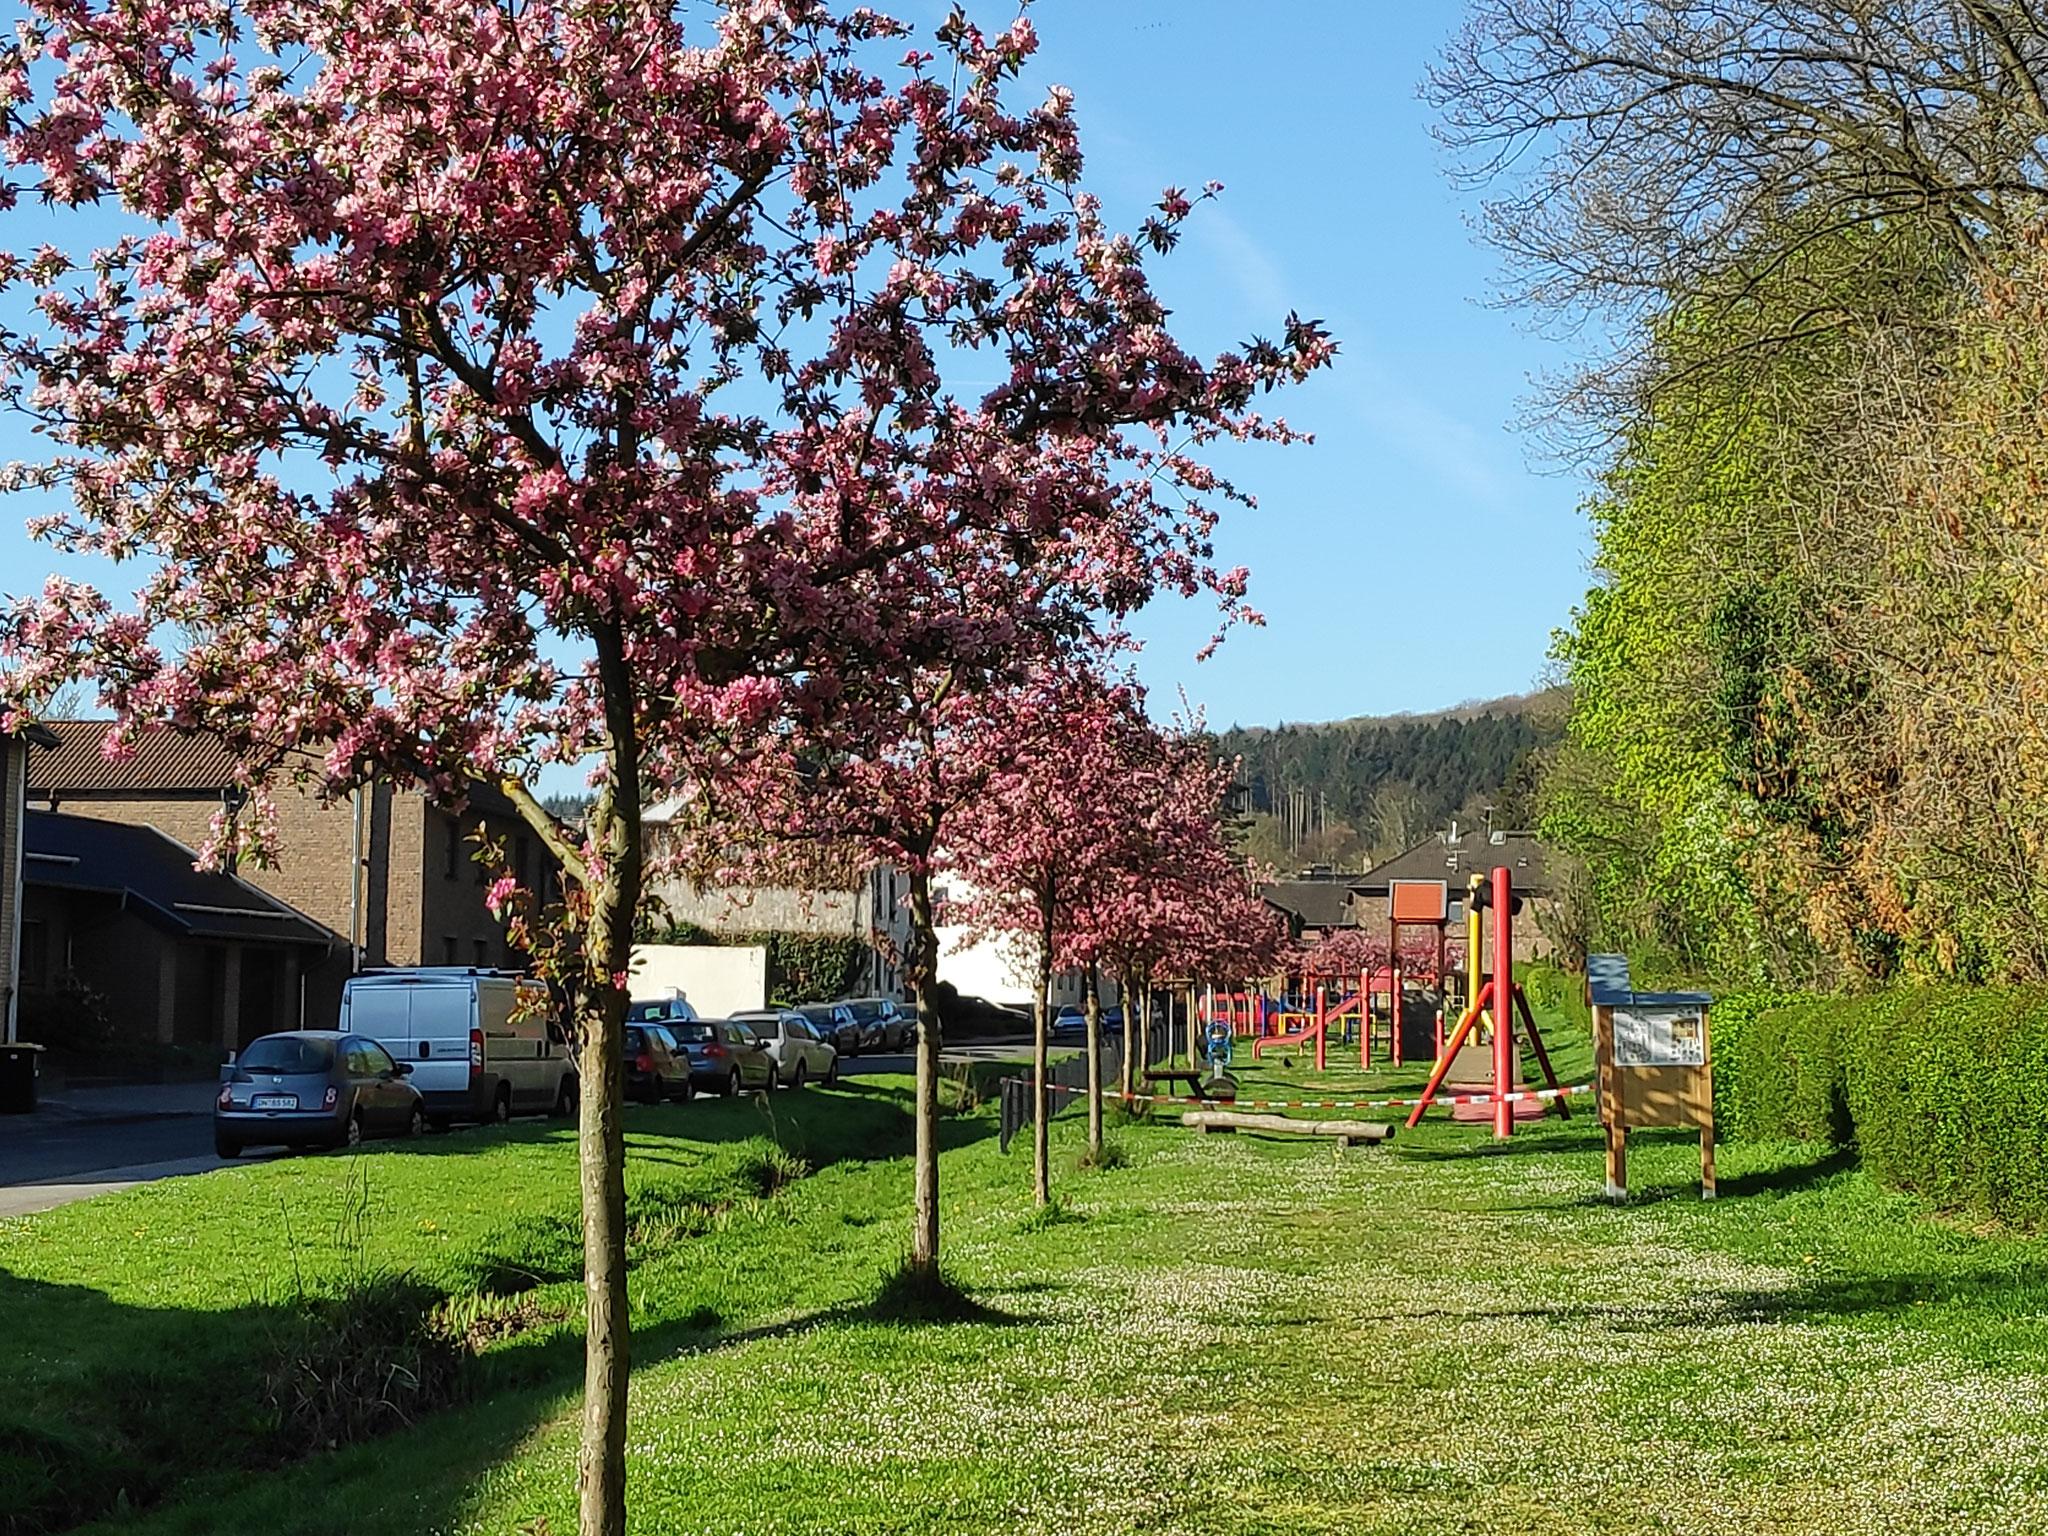 Die Kreuzherrenstraße in voller Blütenpracht!